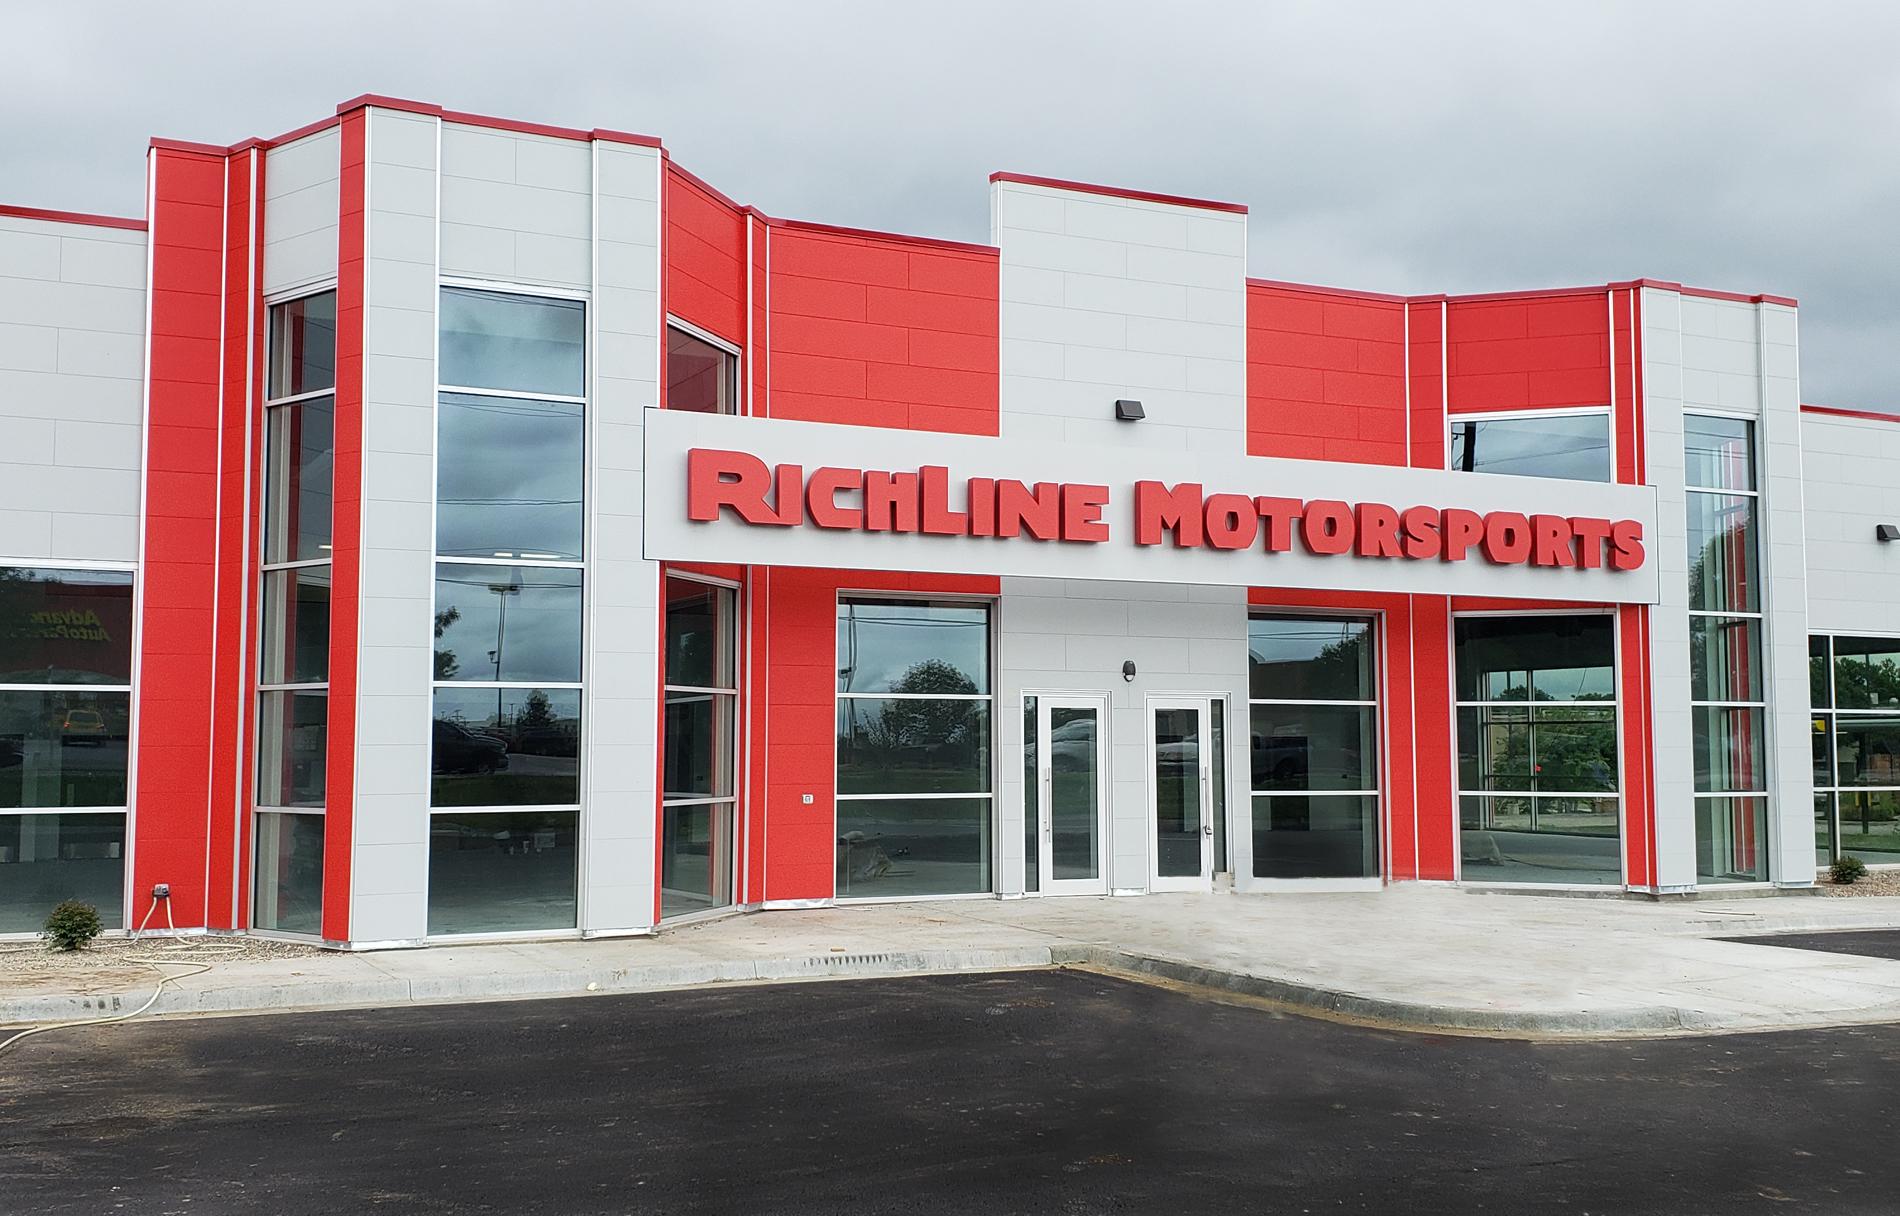 Richline Motorsports